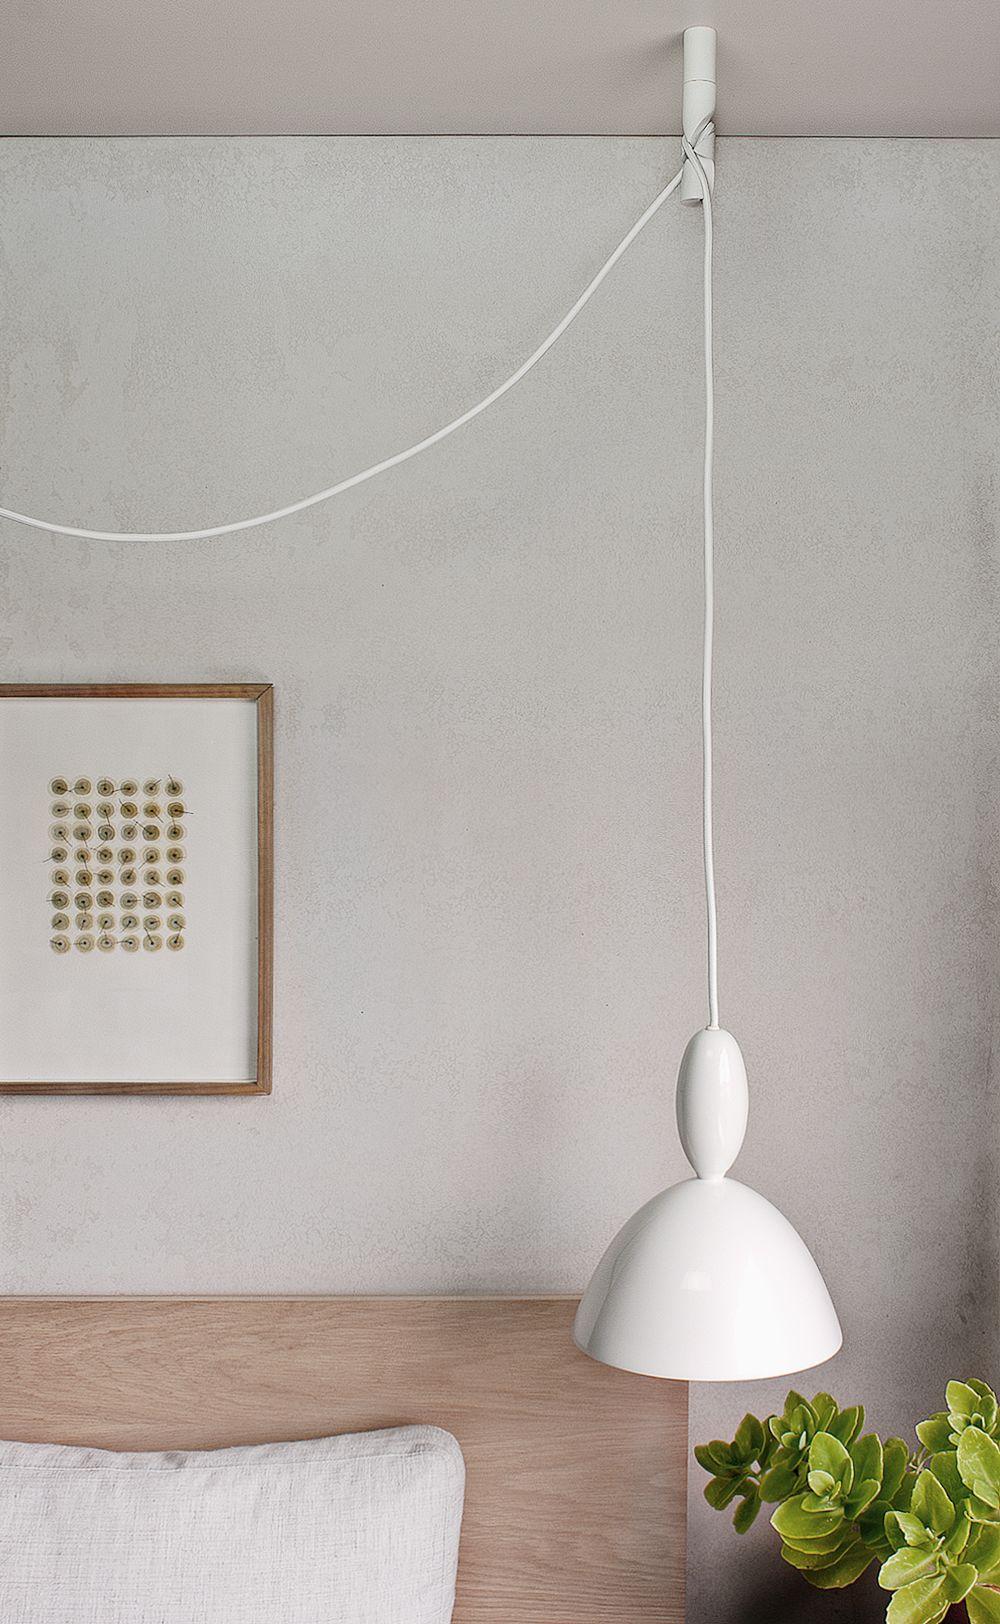 Little-Bishop-Pendant-Light-Hook-Bedroom.jpg | Furniture and ...